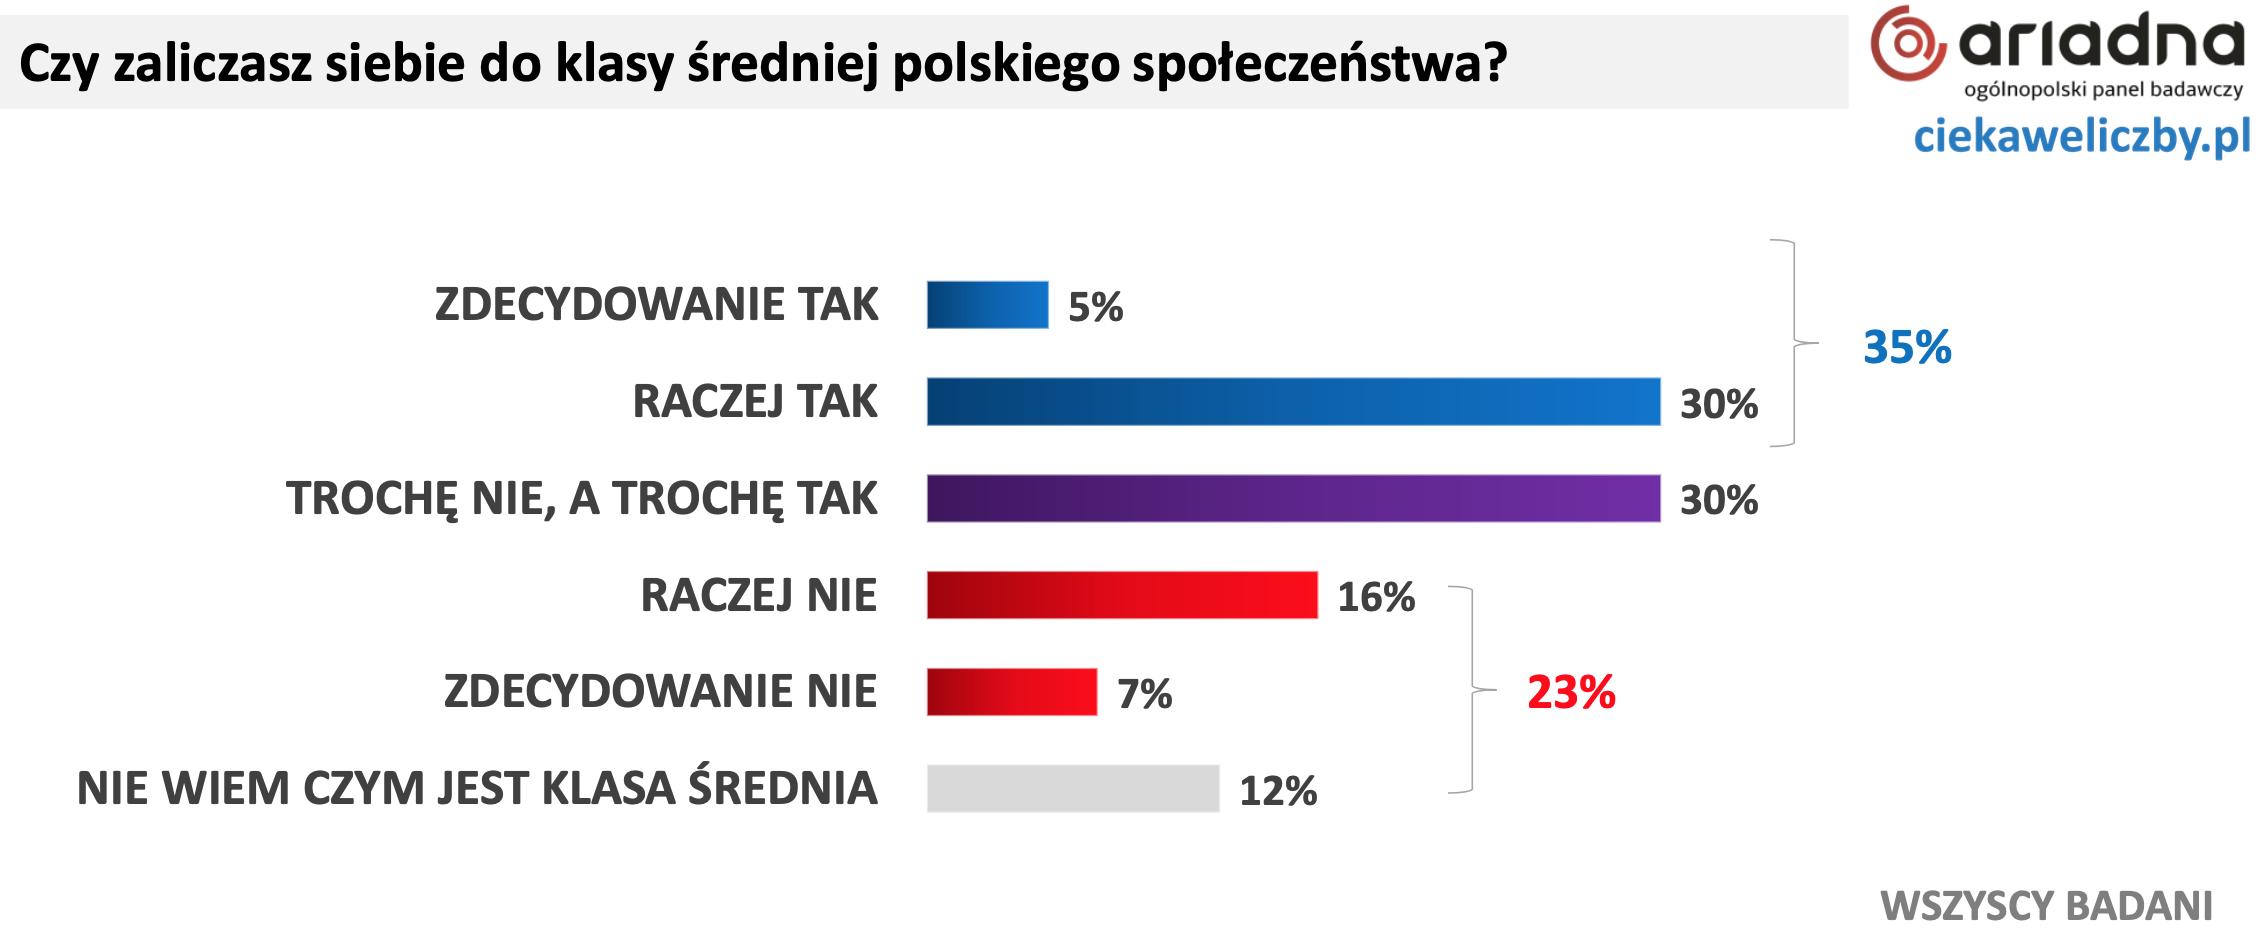 źródło: ciekaweliczby.pl